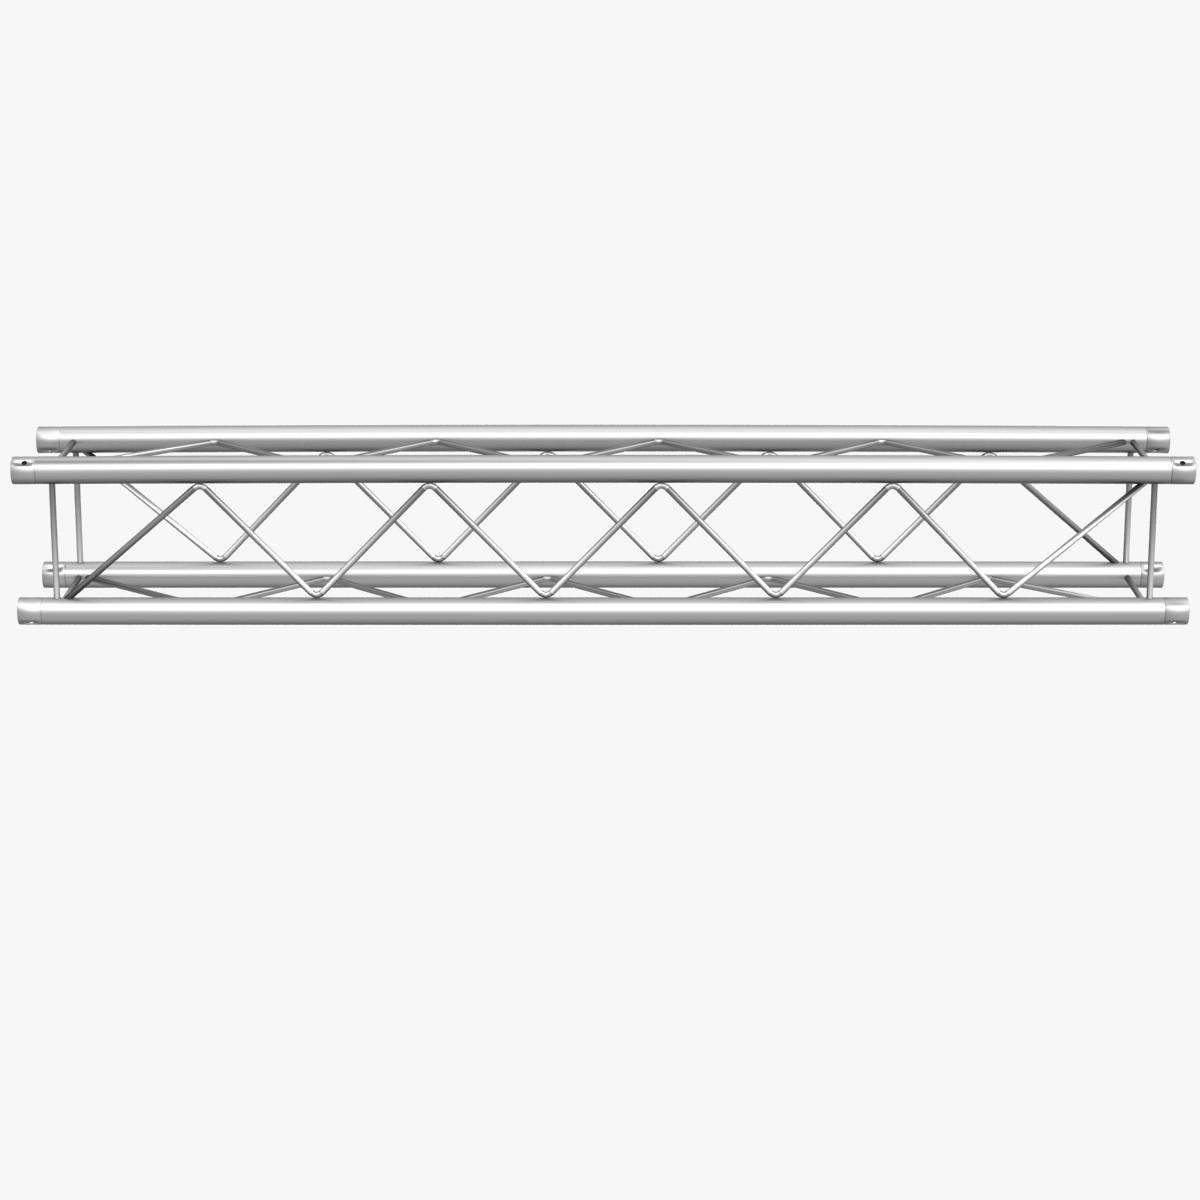 square light trusses (collection 50 modular) 3d model 3ds max dxf fbx c4d dae texture obj 216195